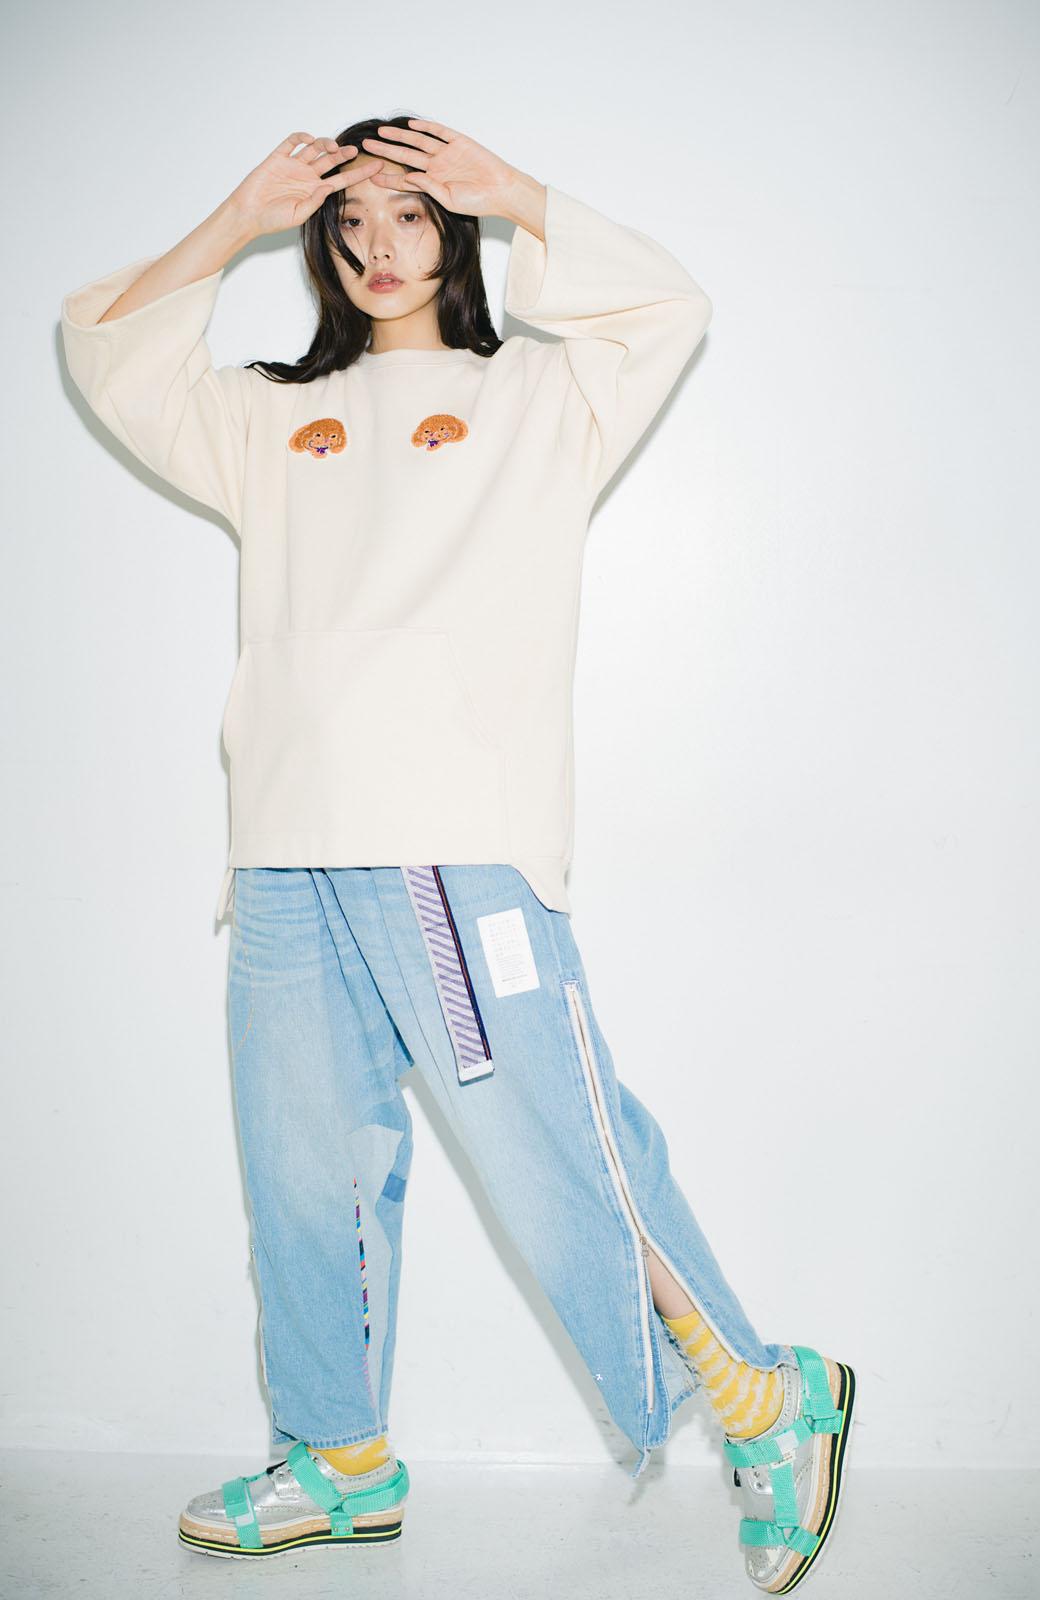 haco! haco! × RBTXCO何色がお好き?プードルちゃんのぷくぷく刺繍ワッペン付きスウェットプルオーバー <オフホワイト>の商品写真19